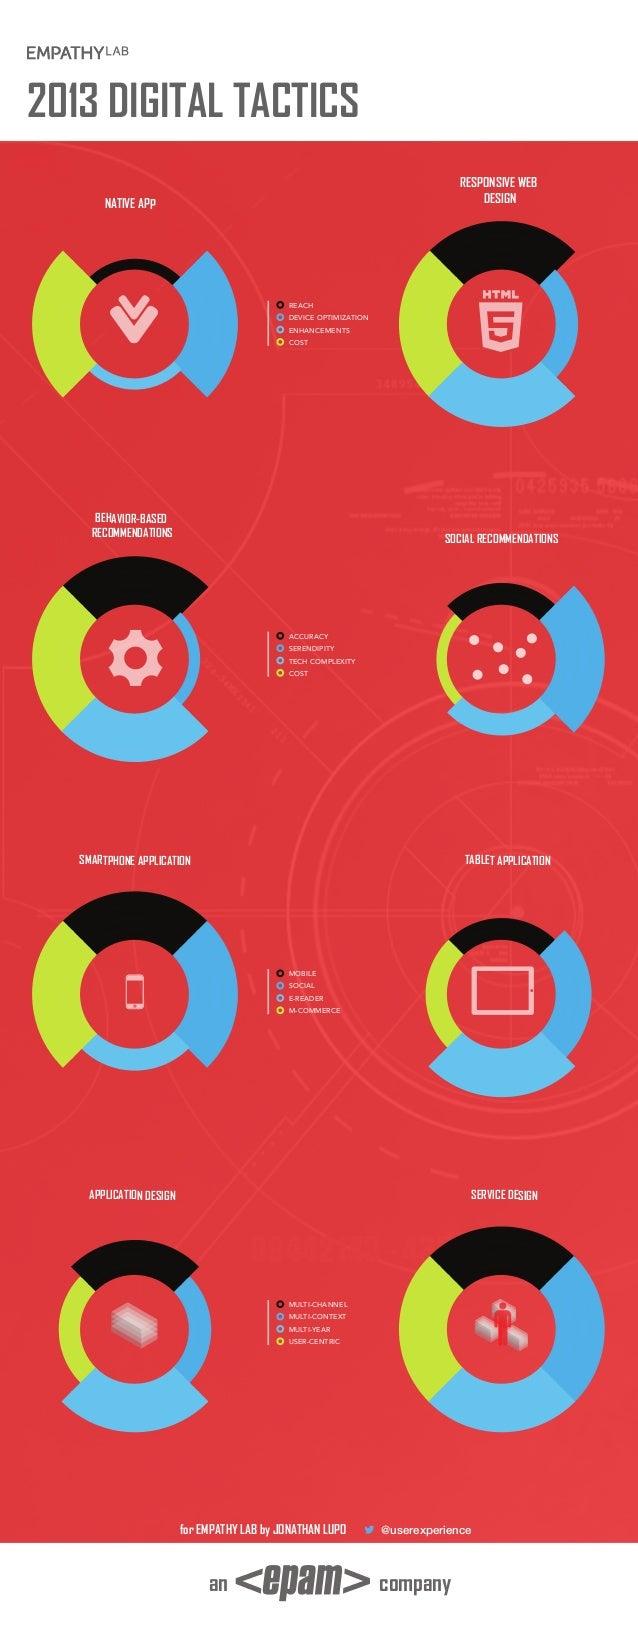 Digital Tactics for 2013